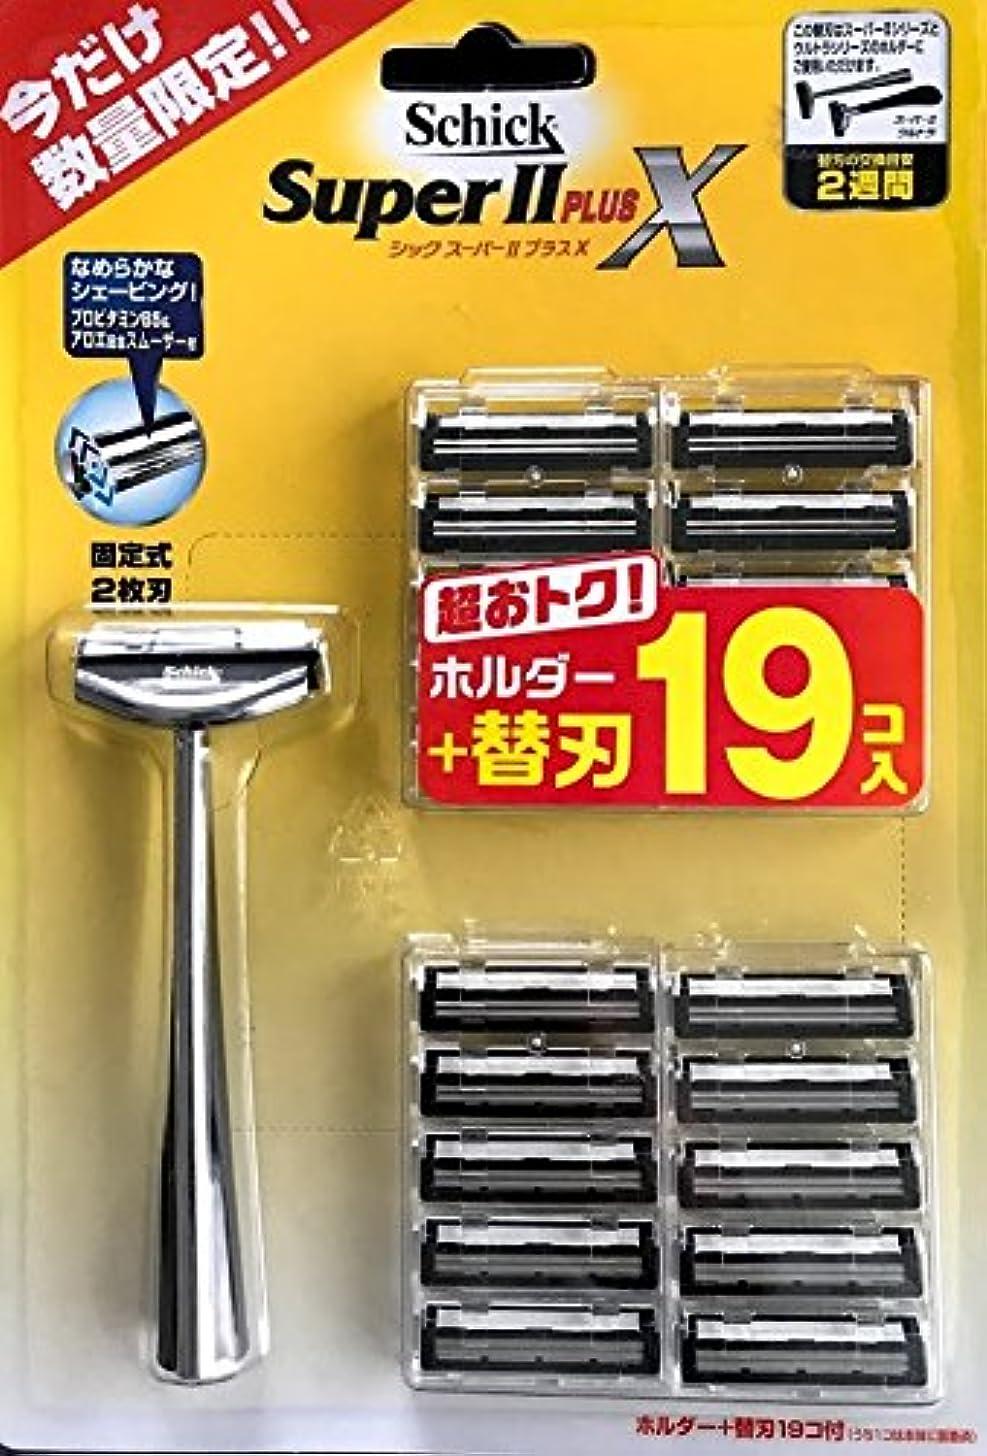 ペイントスペル冷ややかなschick シック Super II PLUS X スーパIプラスX 本体+替刃19個 セット